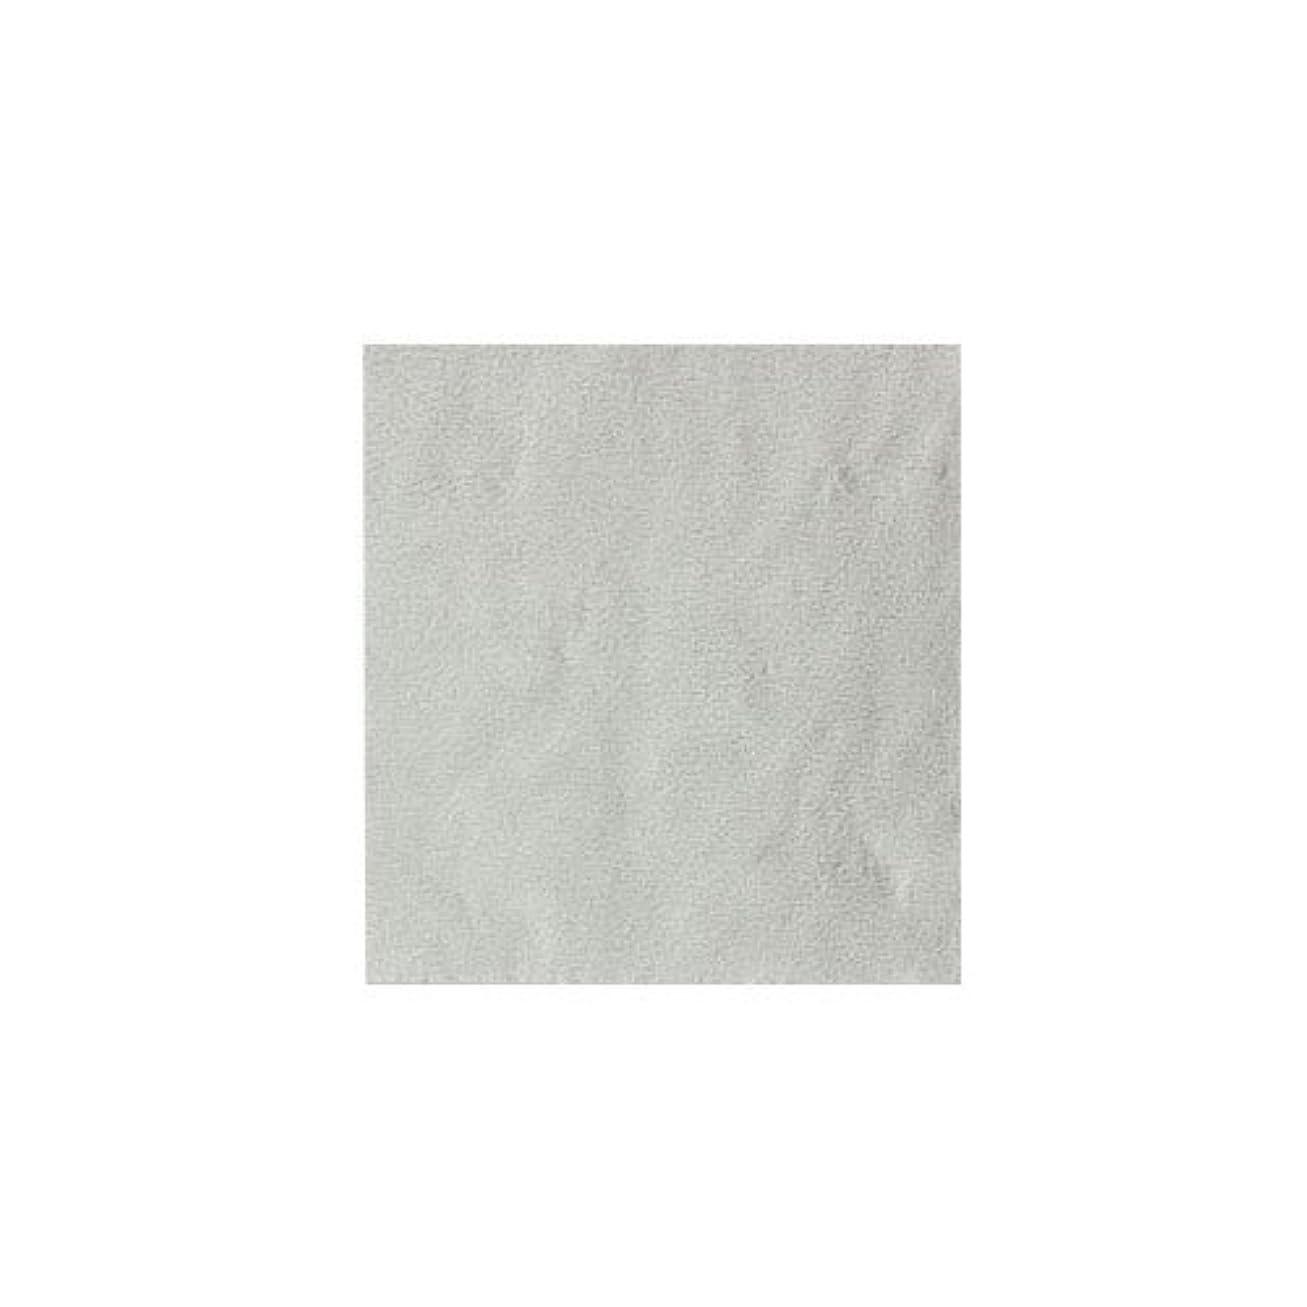 常にしなやか代数的ピカエース ネイル用パウダー パステル銀箔 #640 パステルホワイト 3.5㎜角×5枚